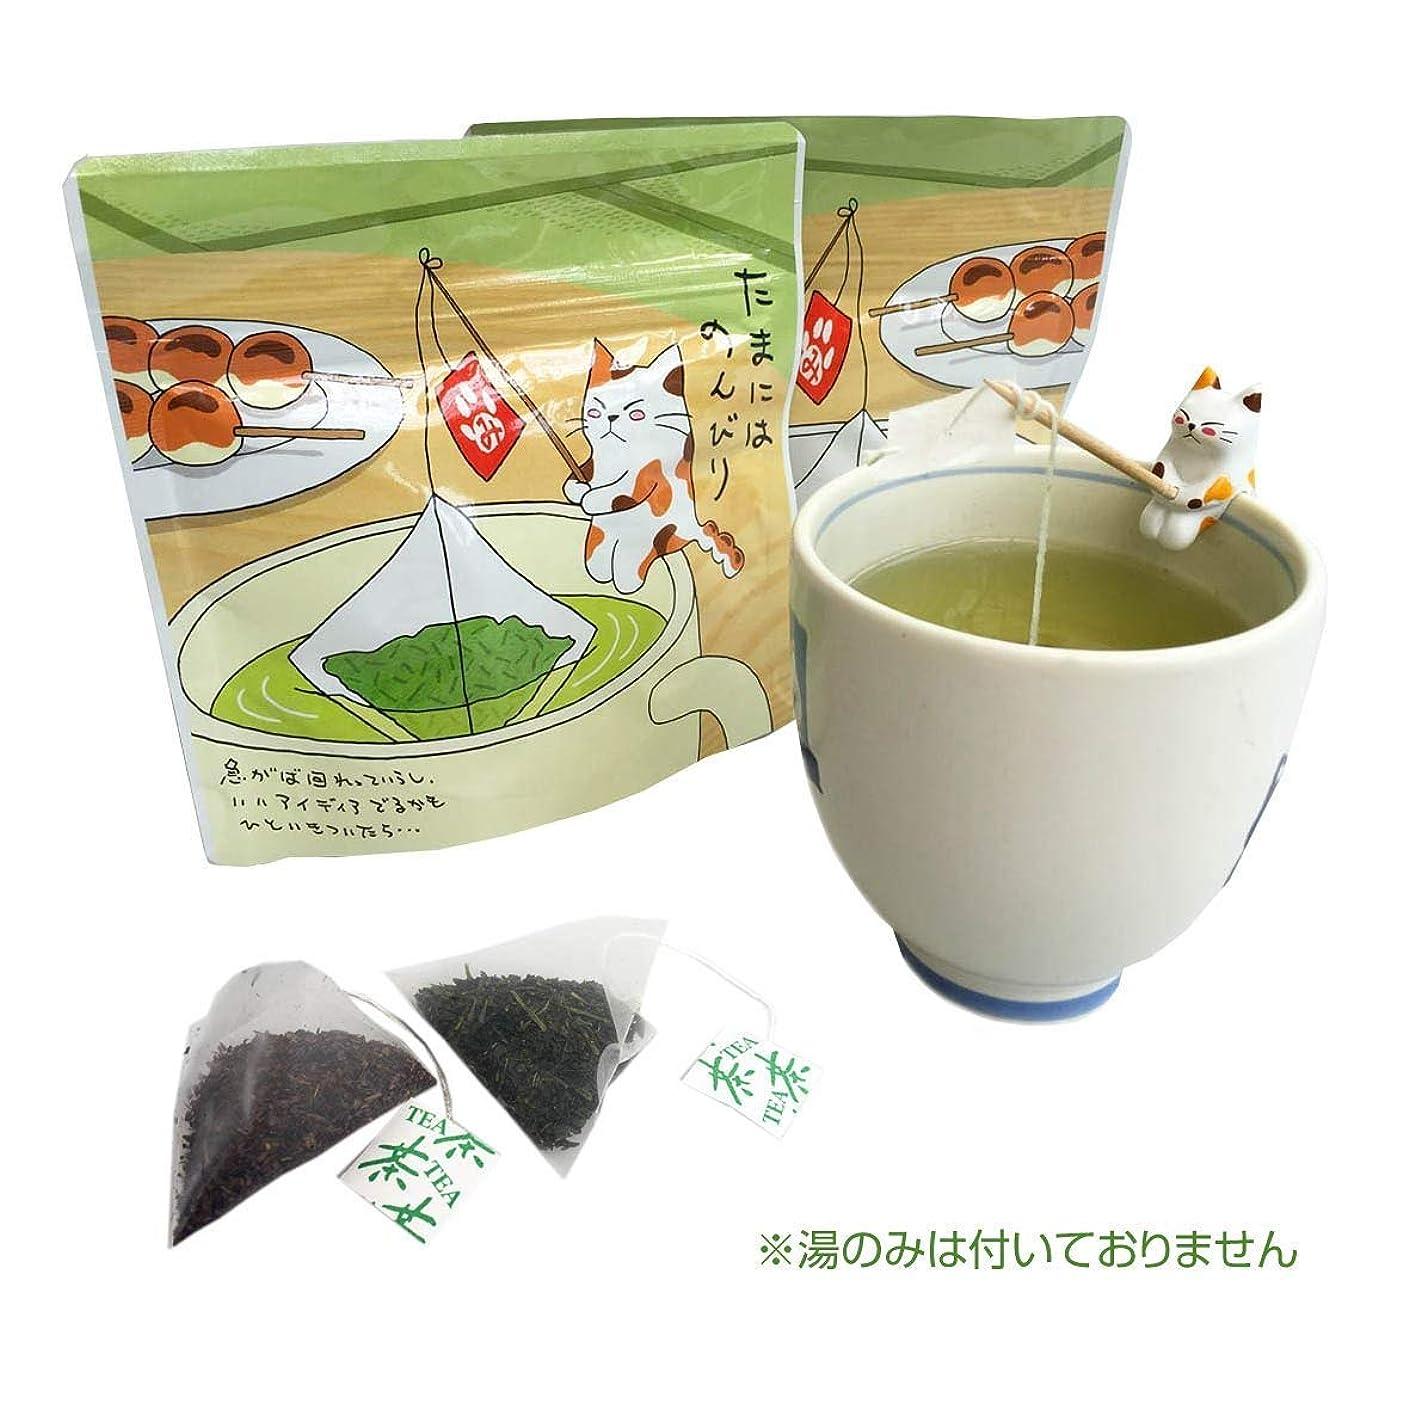 アッティカスレトルトわずらわしいエピガロカテキンガレート カテキン たっぷり深蒸し掛川茶 100g x 3個